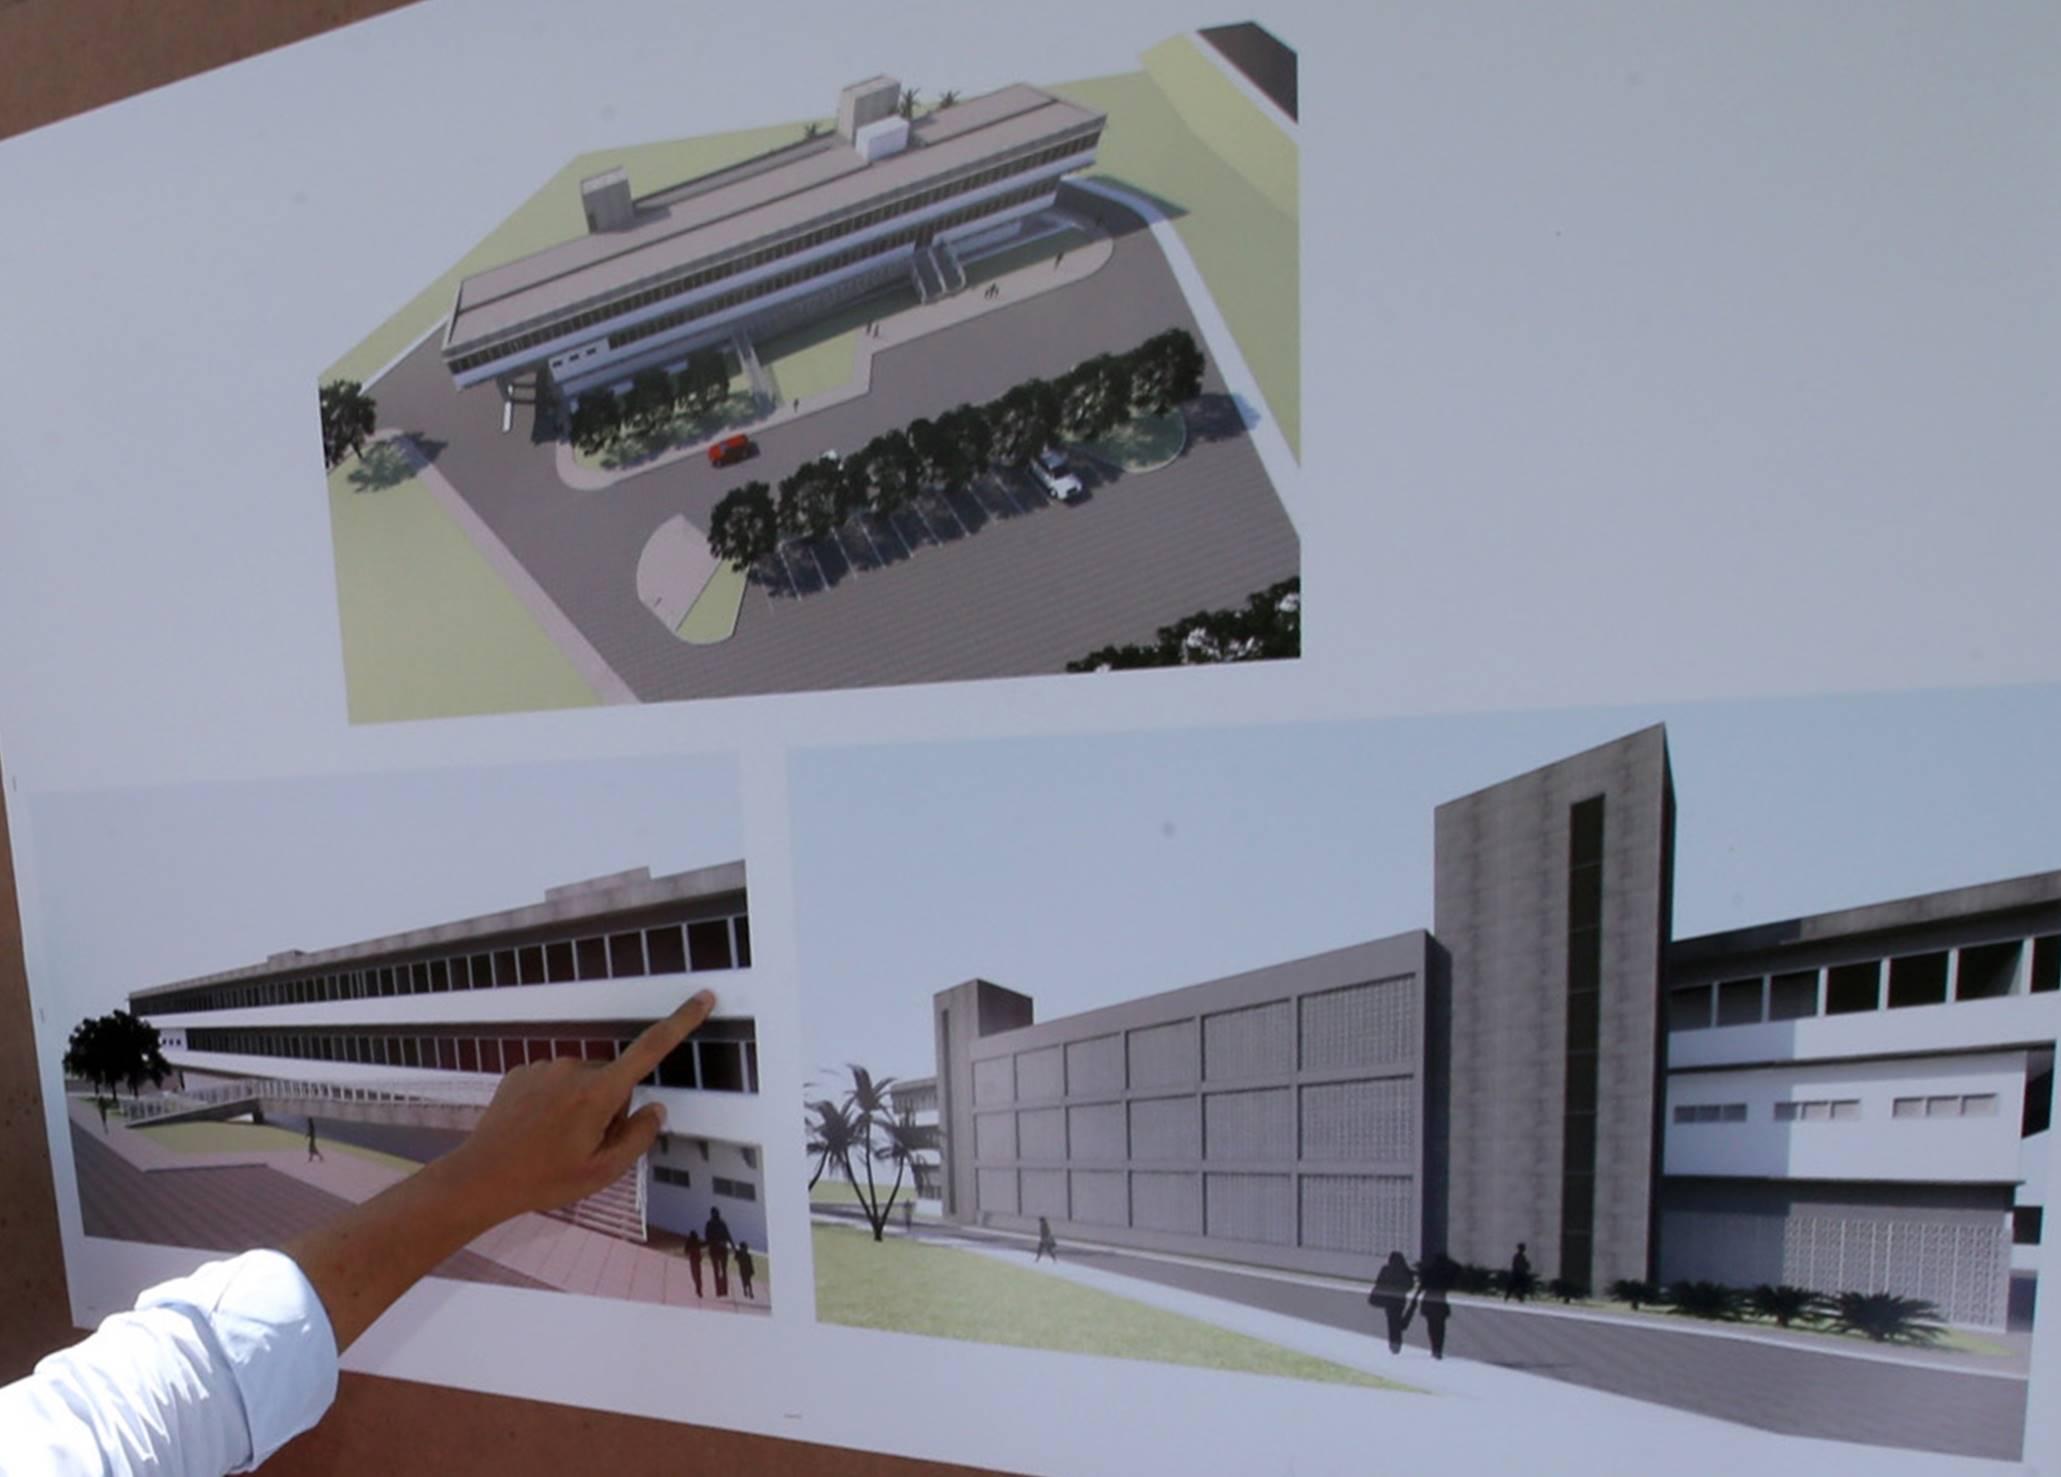 [VAGA2018] – Simões Filho abrirá 70 vagas de emprego na Policlínica Regional